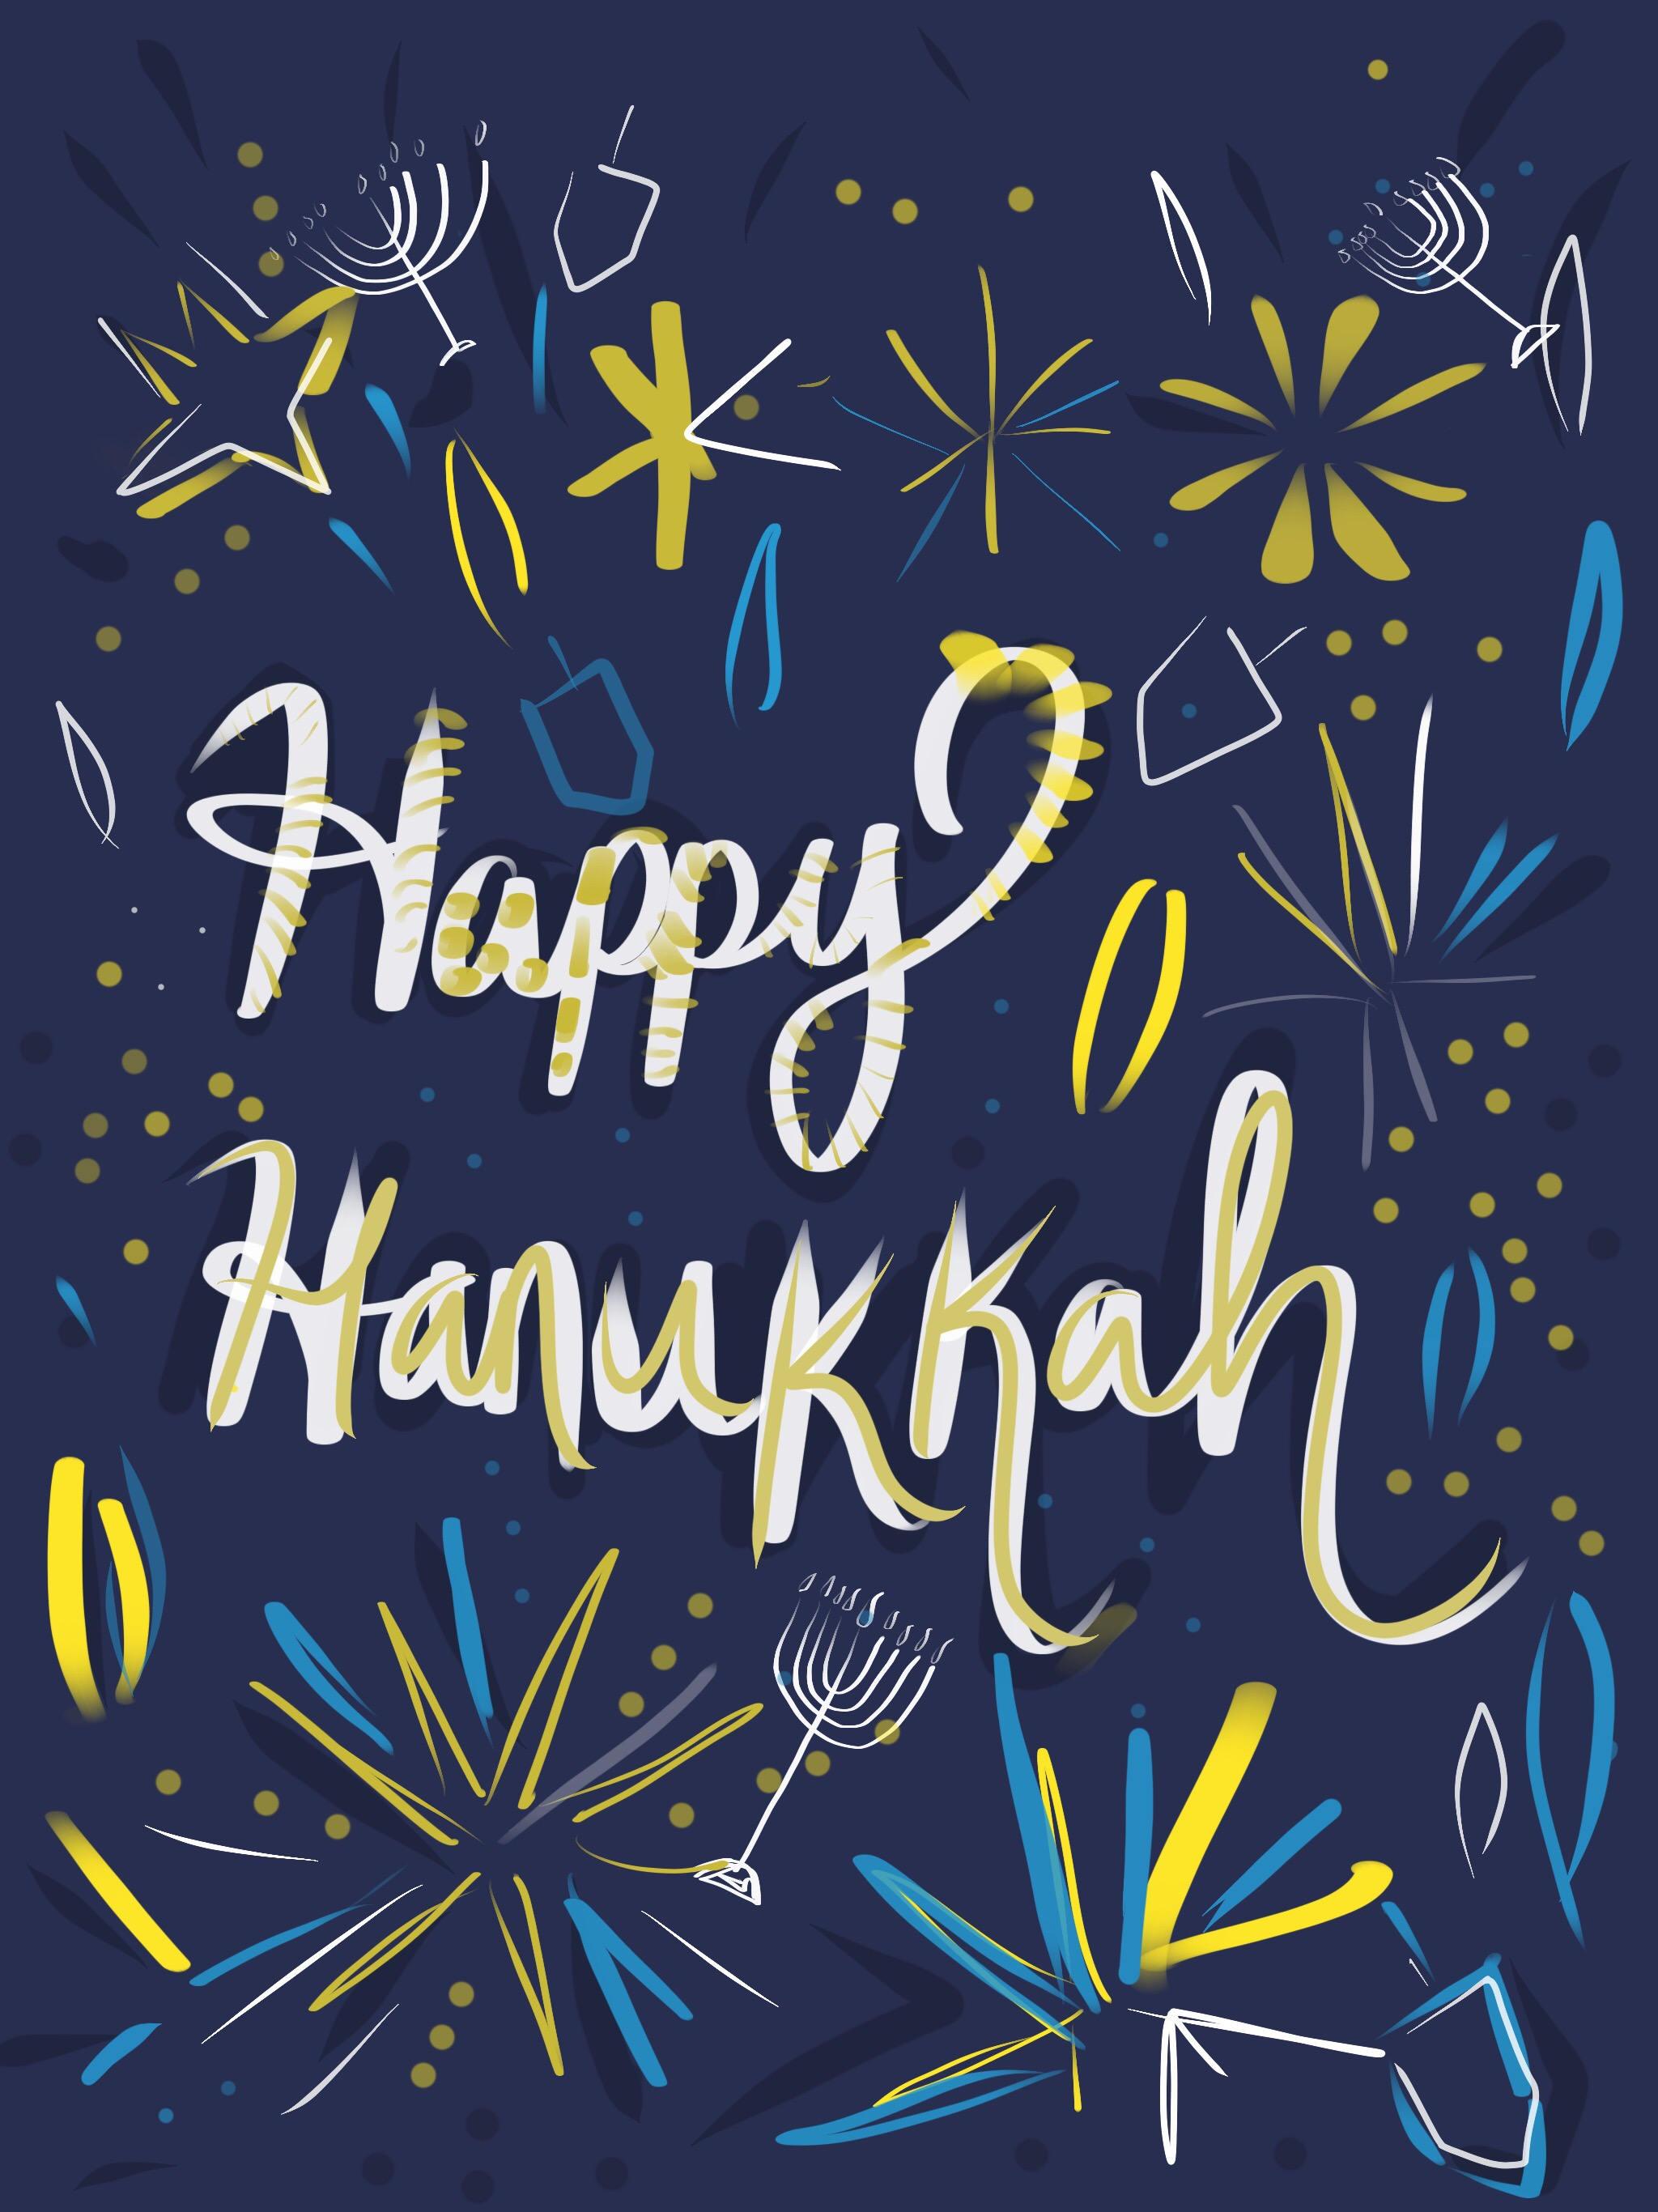 Happy Hanukkah Printable Greeting Card Designed In Israel Etsy